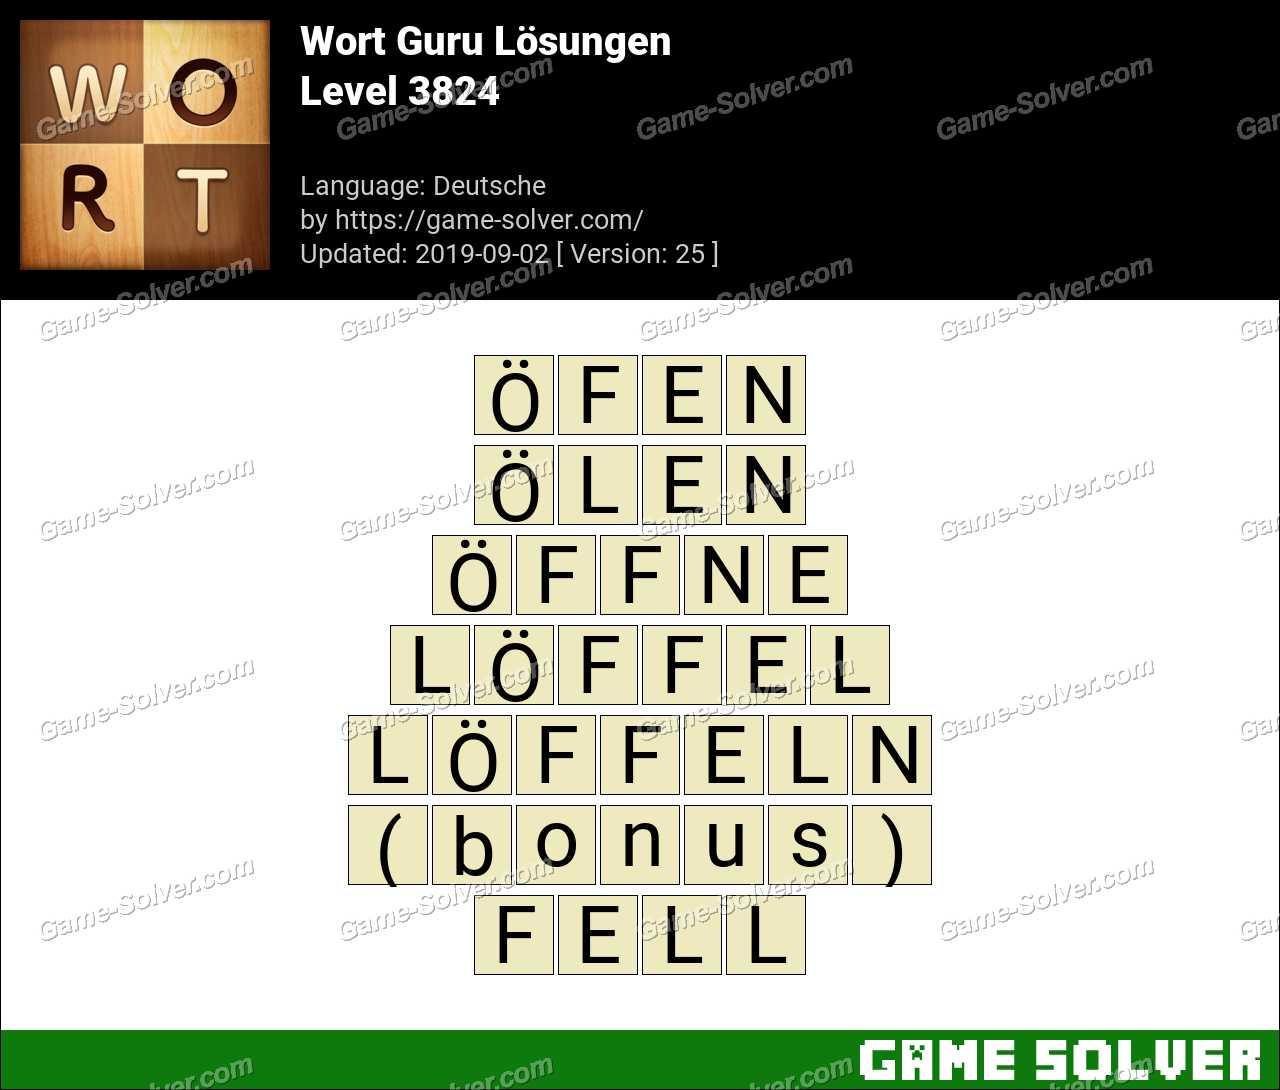 Wort Guru Level 3824 Lösungen